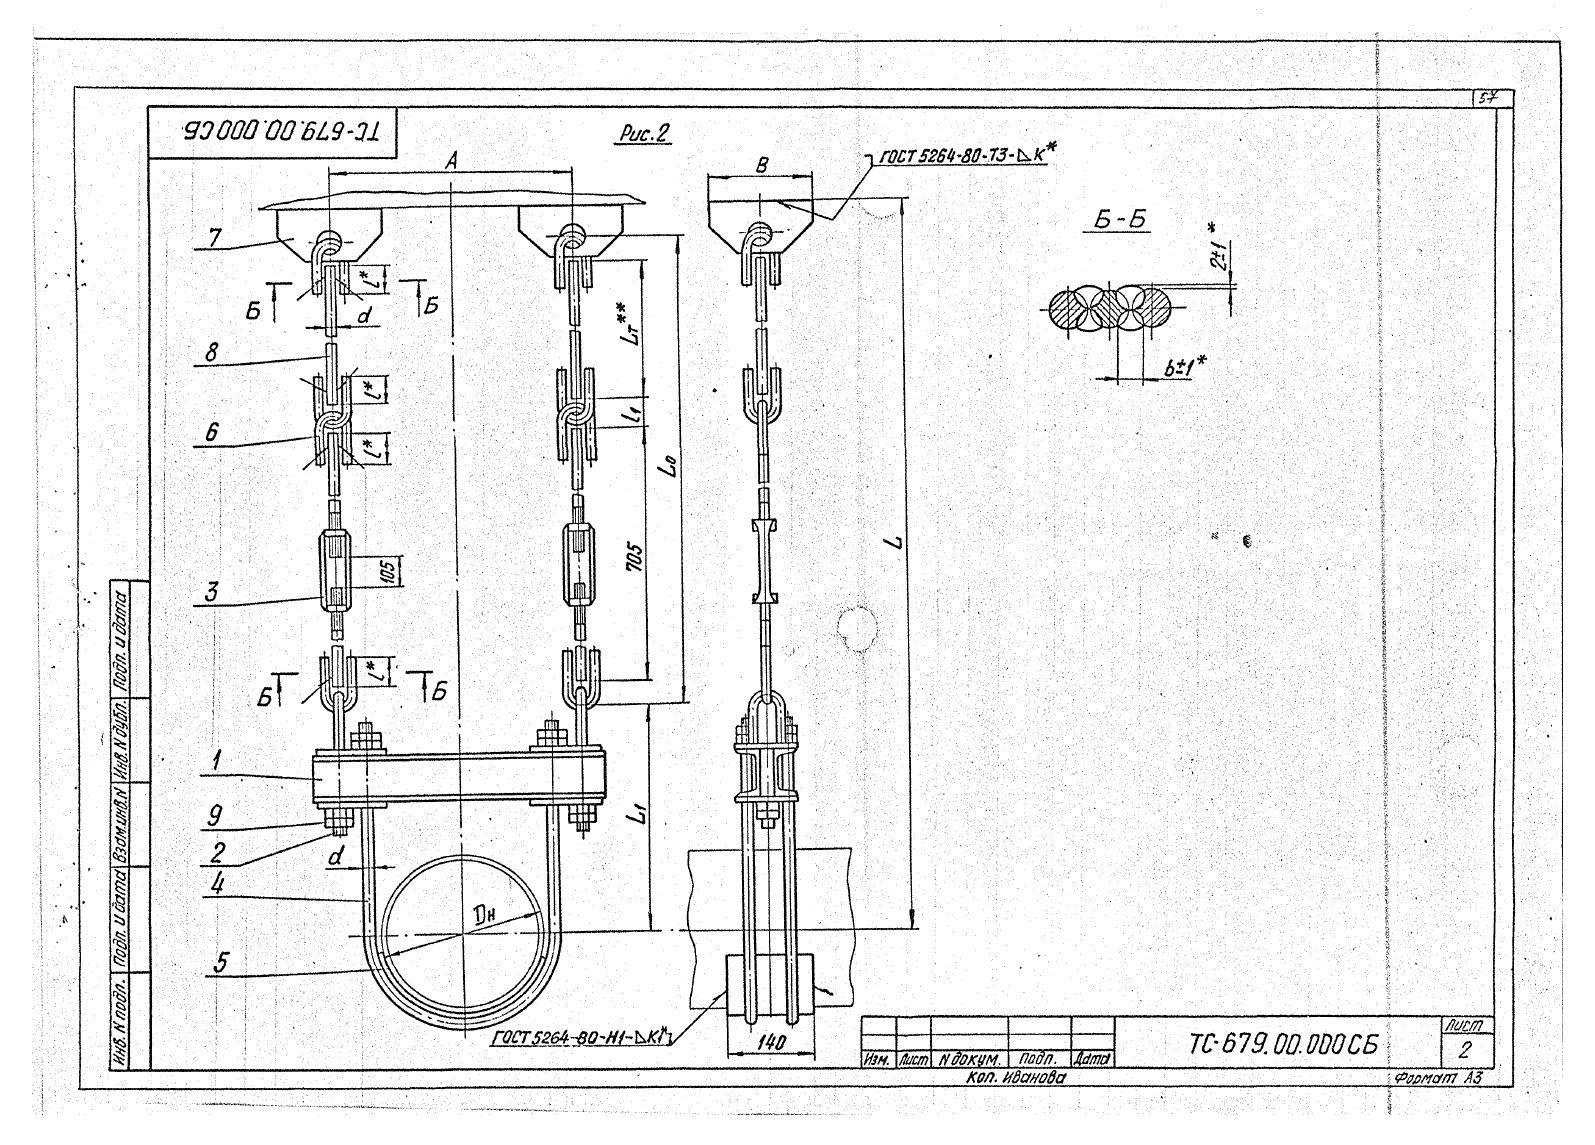 Подвески жесткие Дн 426-630 ТС-679 с.5.903-13 вып.6-95 стр.2